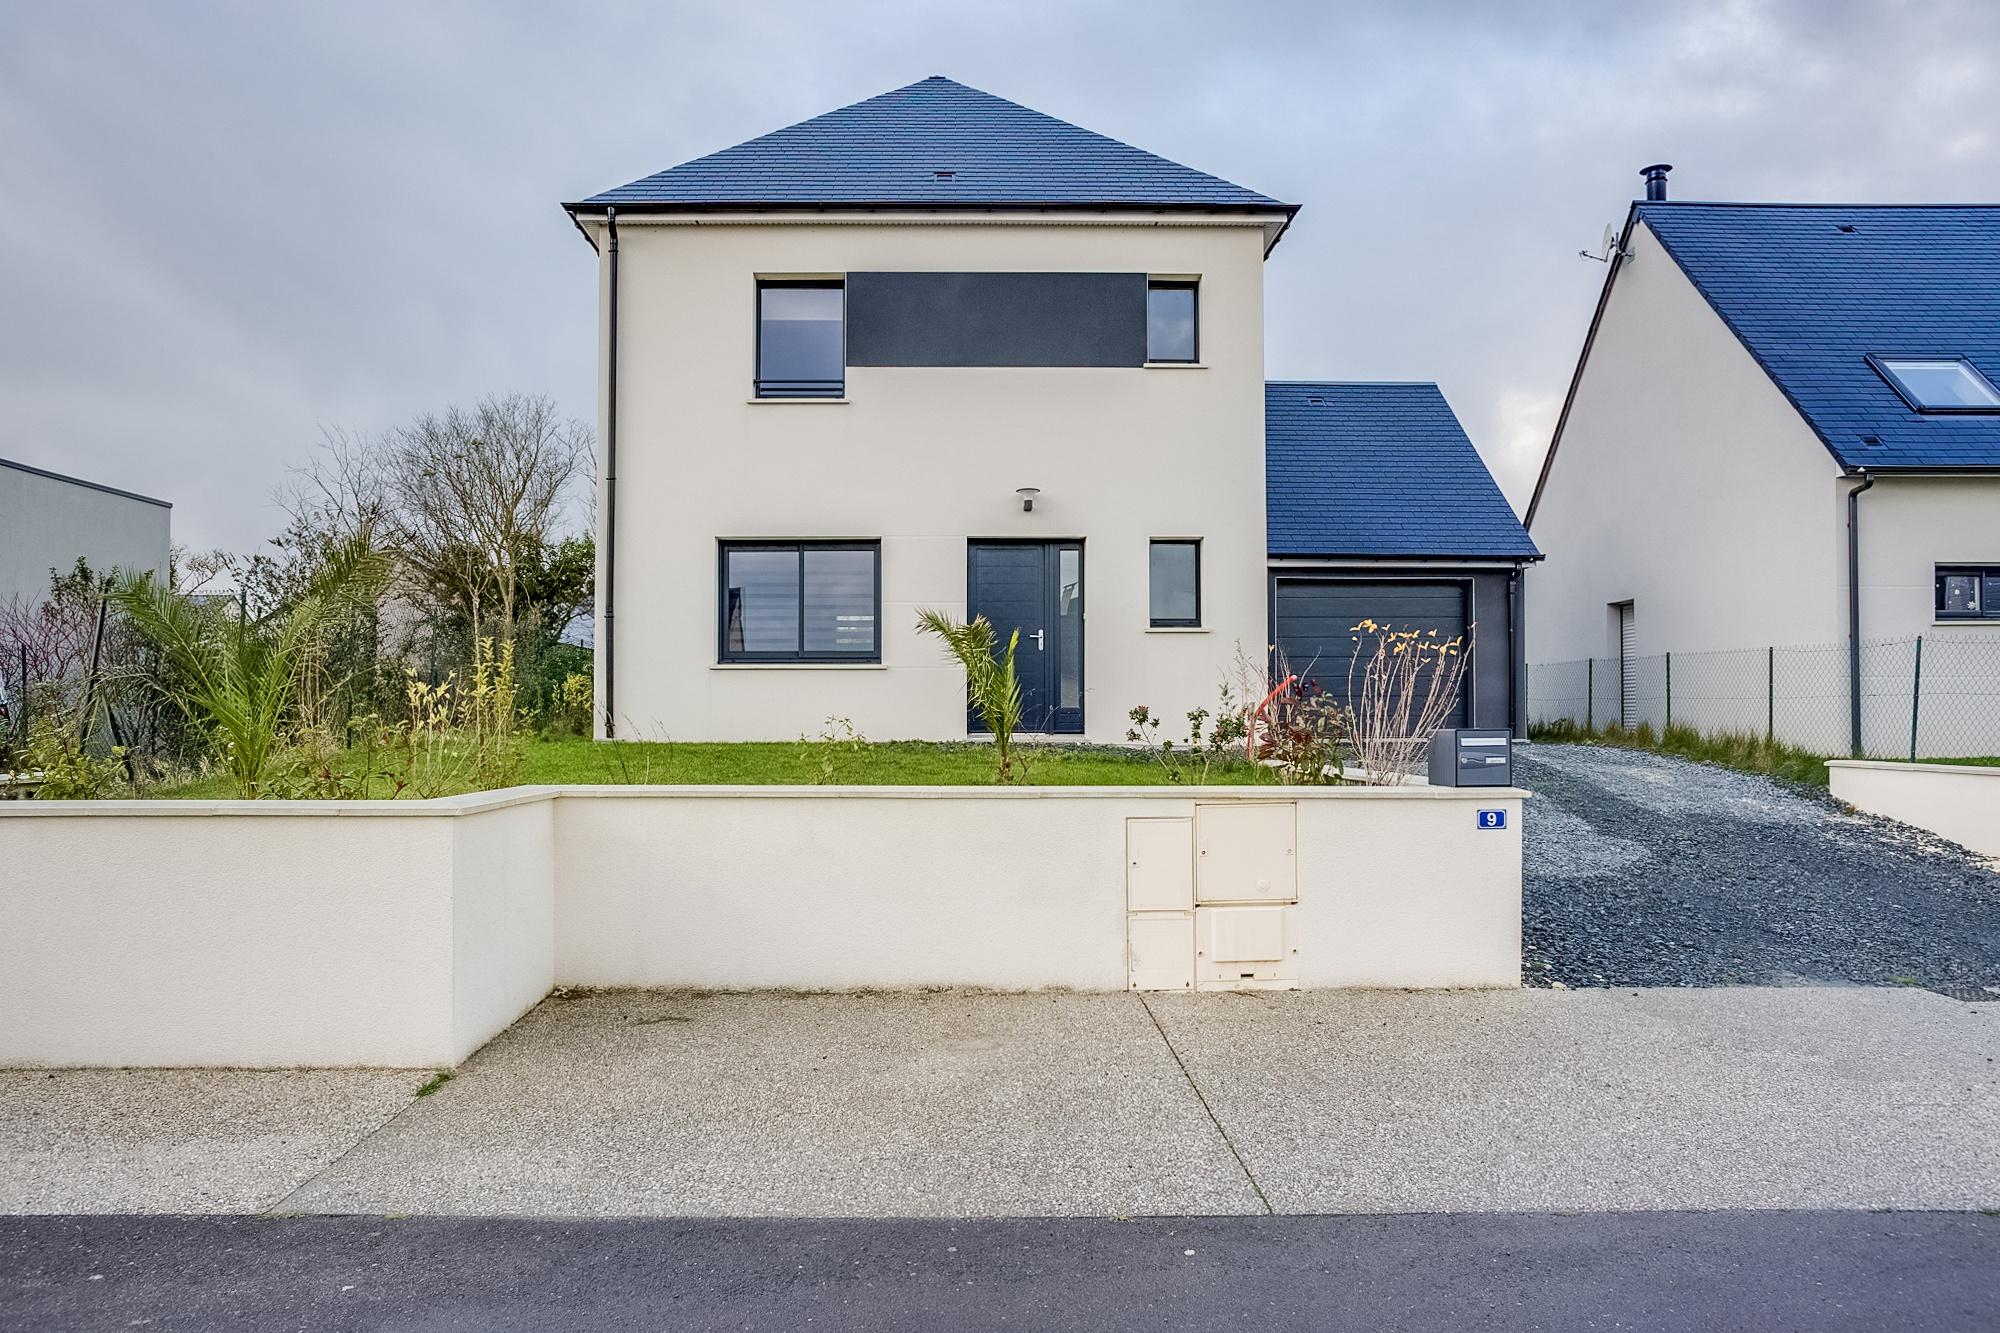 Maisons + Terrains du constructeur MAISON FAMILIALE RENNES • 100 m² • RETIERS